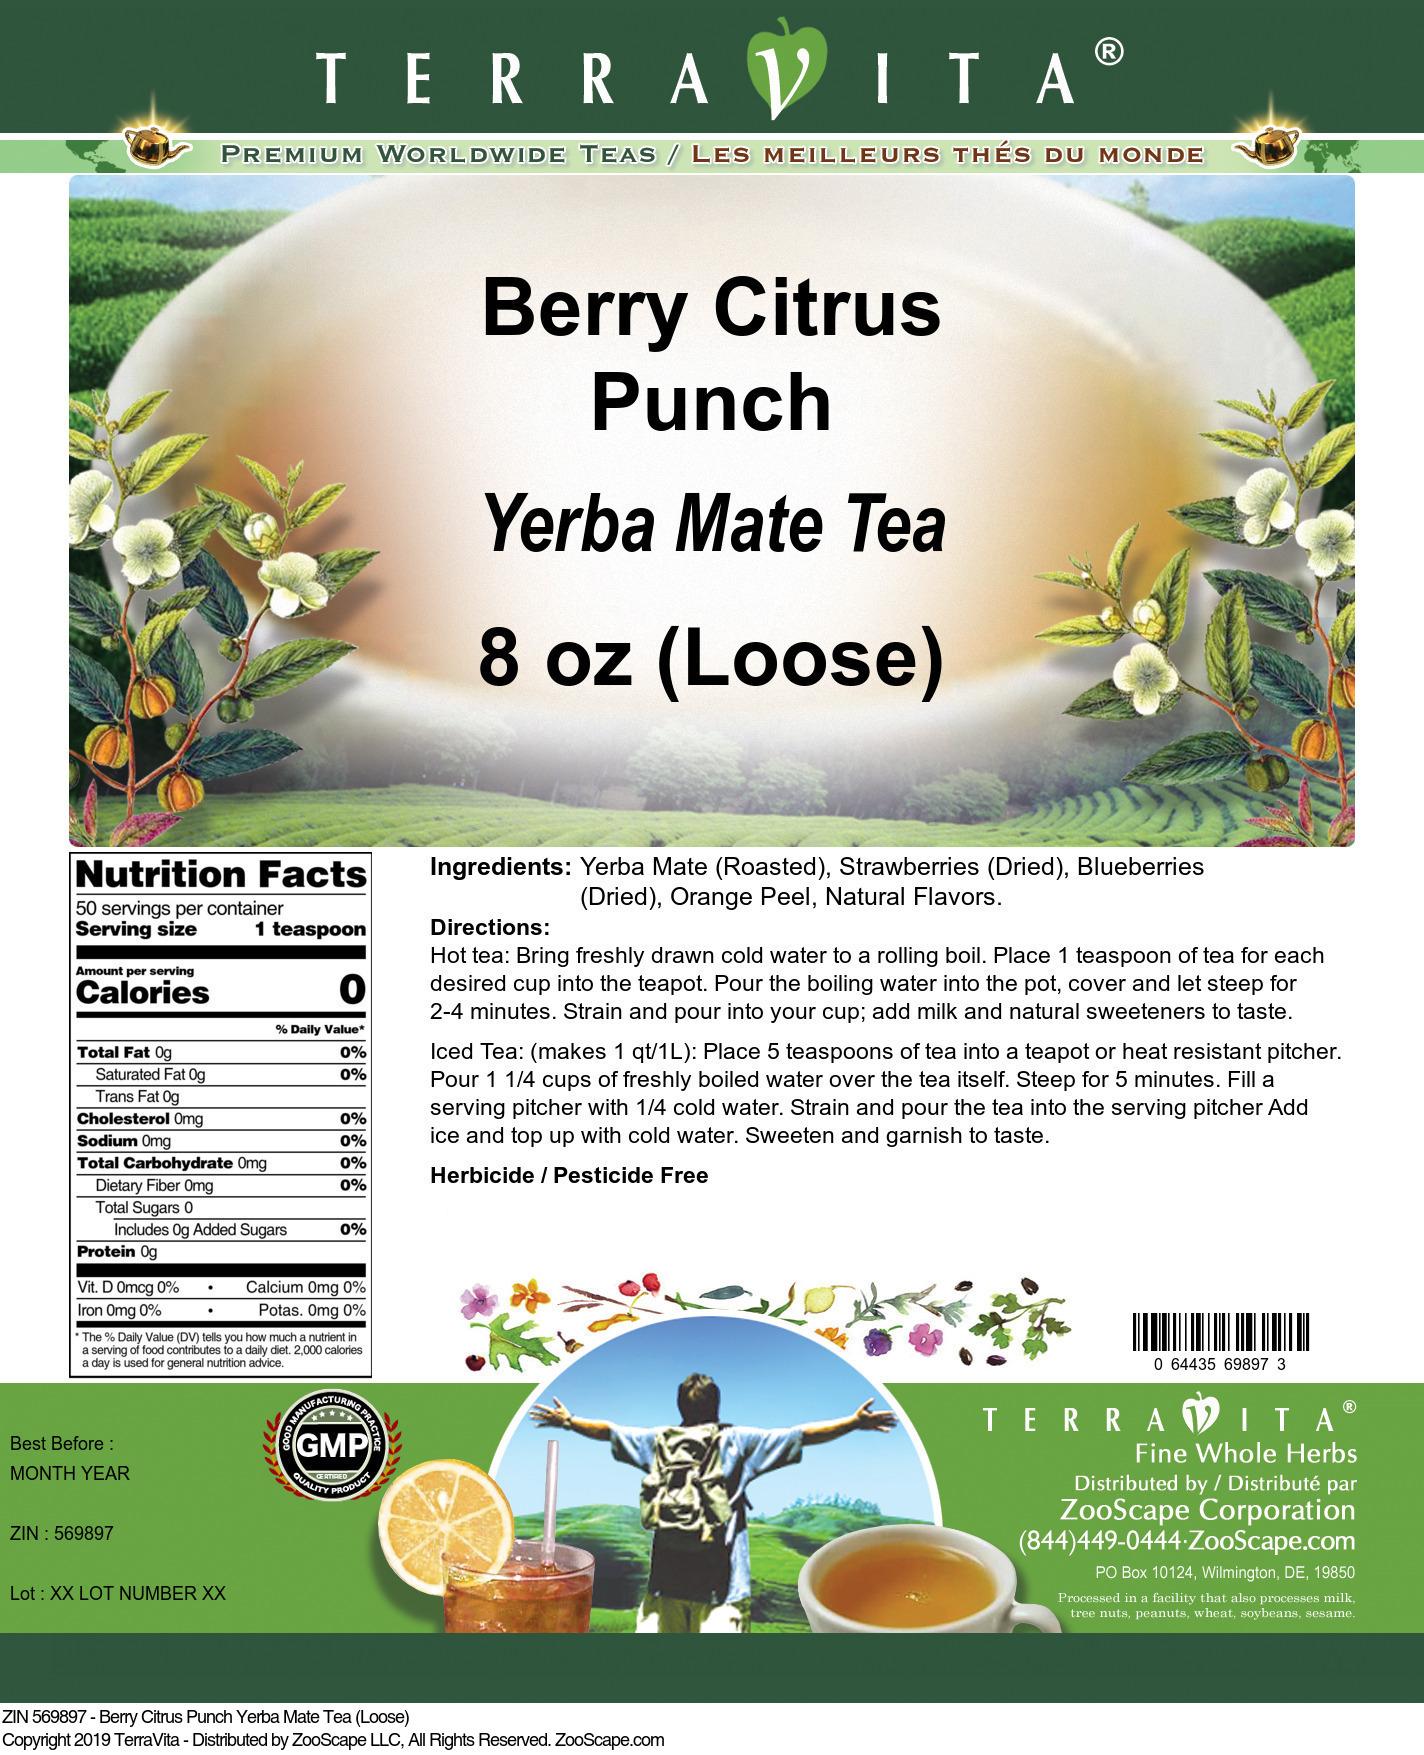 Berry Citrus Punch Yerba Mate